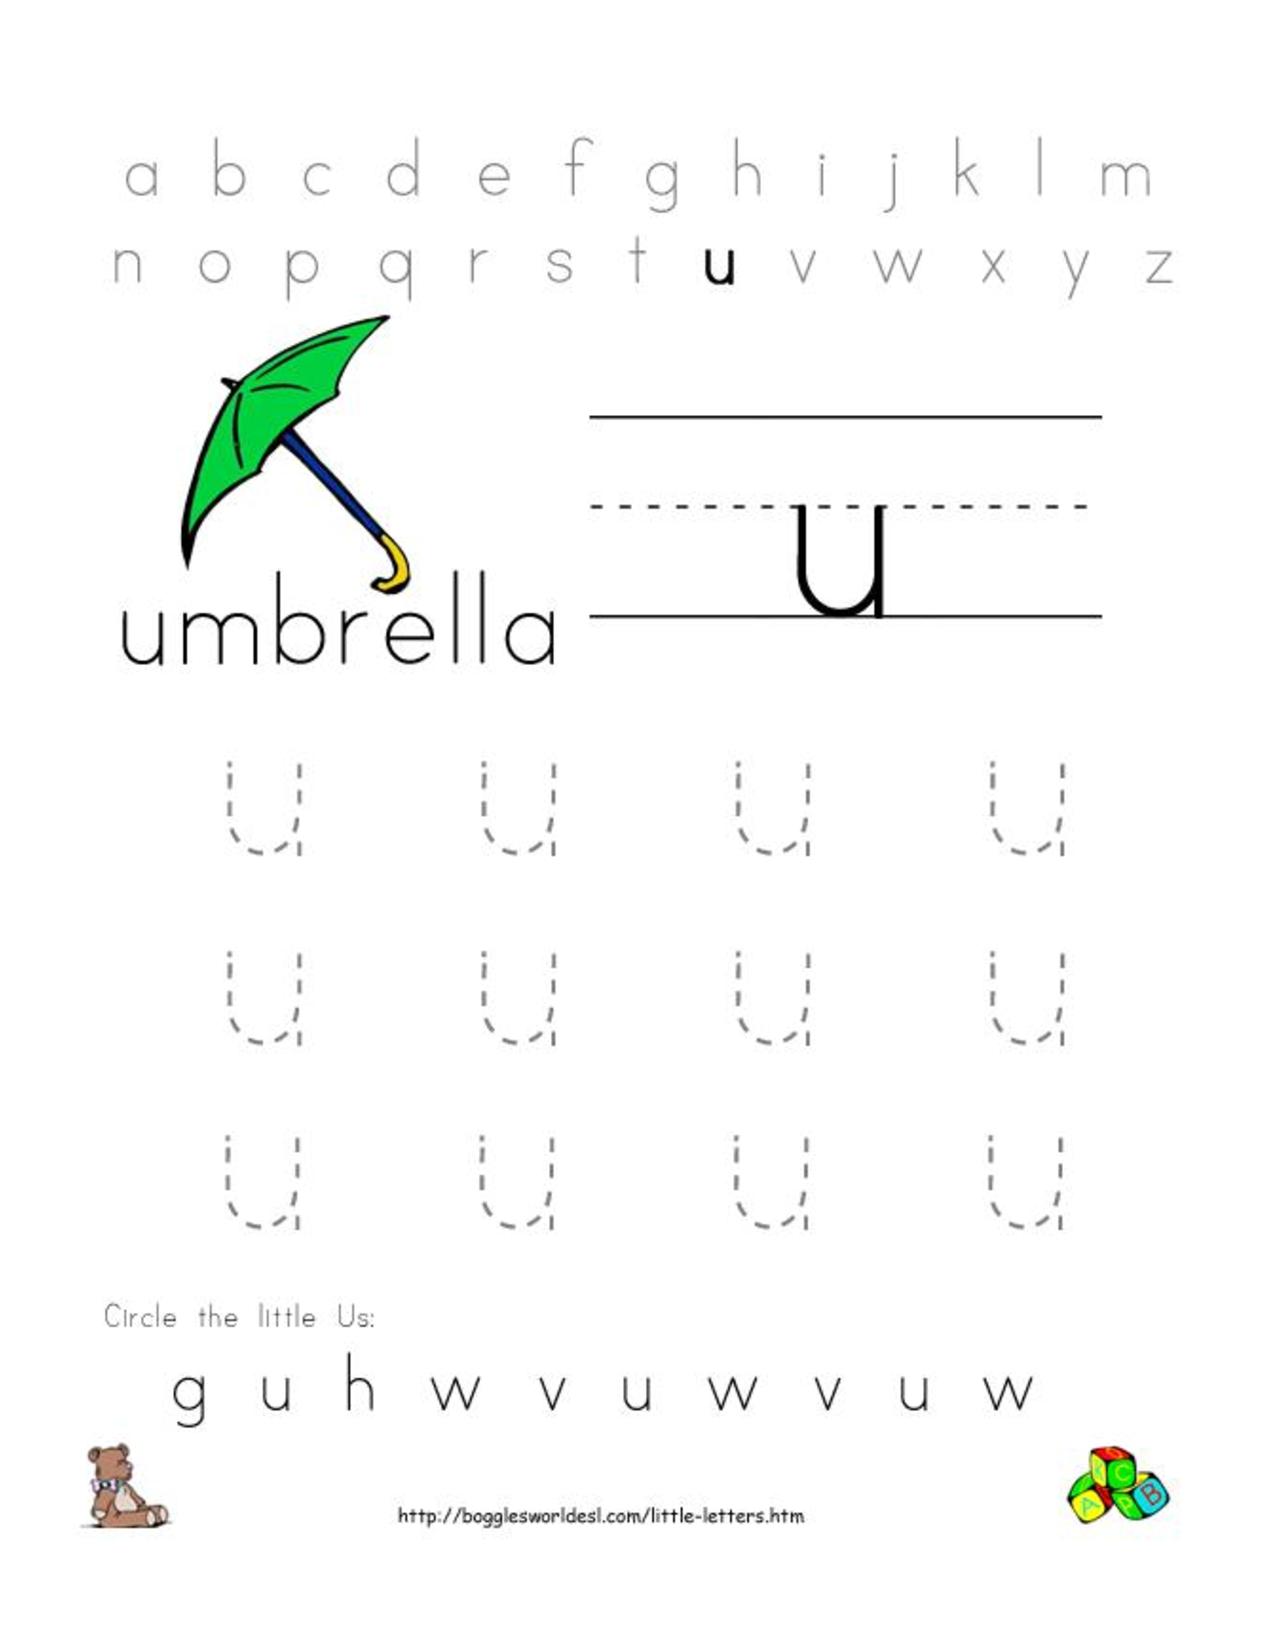 worksheet Letter U Worksheet alphabet worksheets for preschoolers worksheet little letter u doc doc